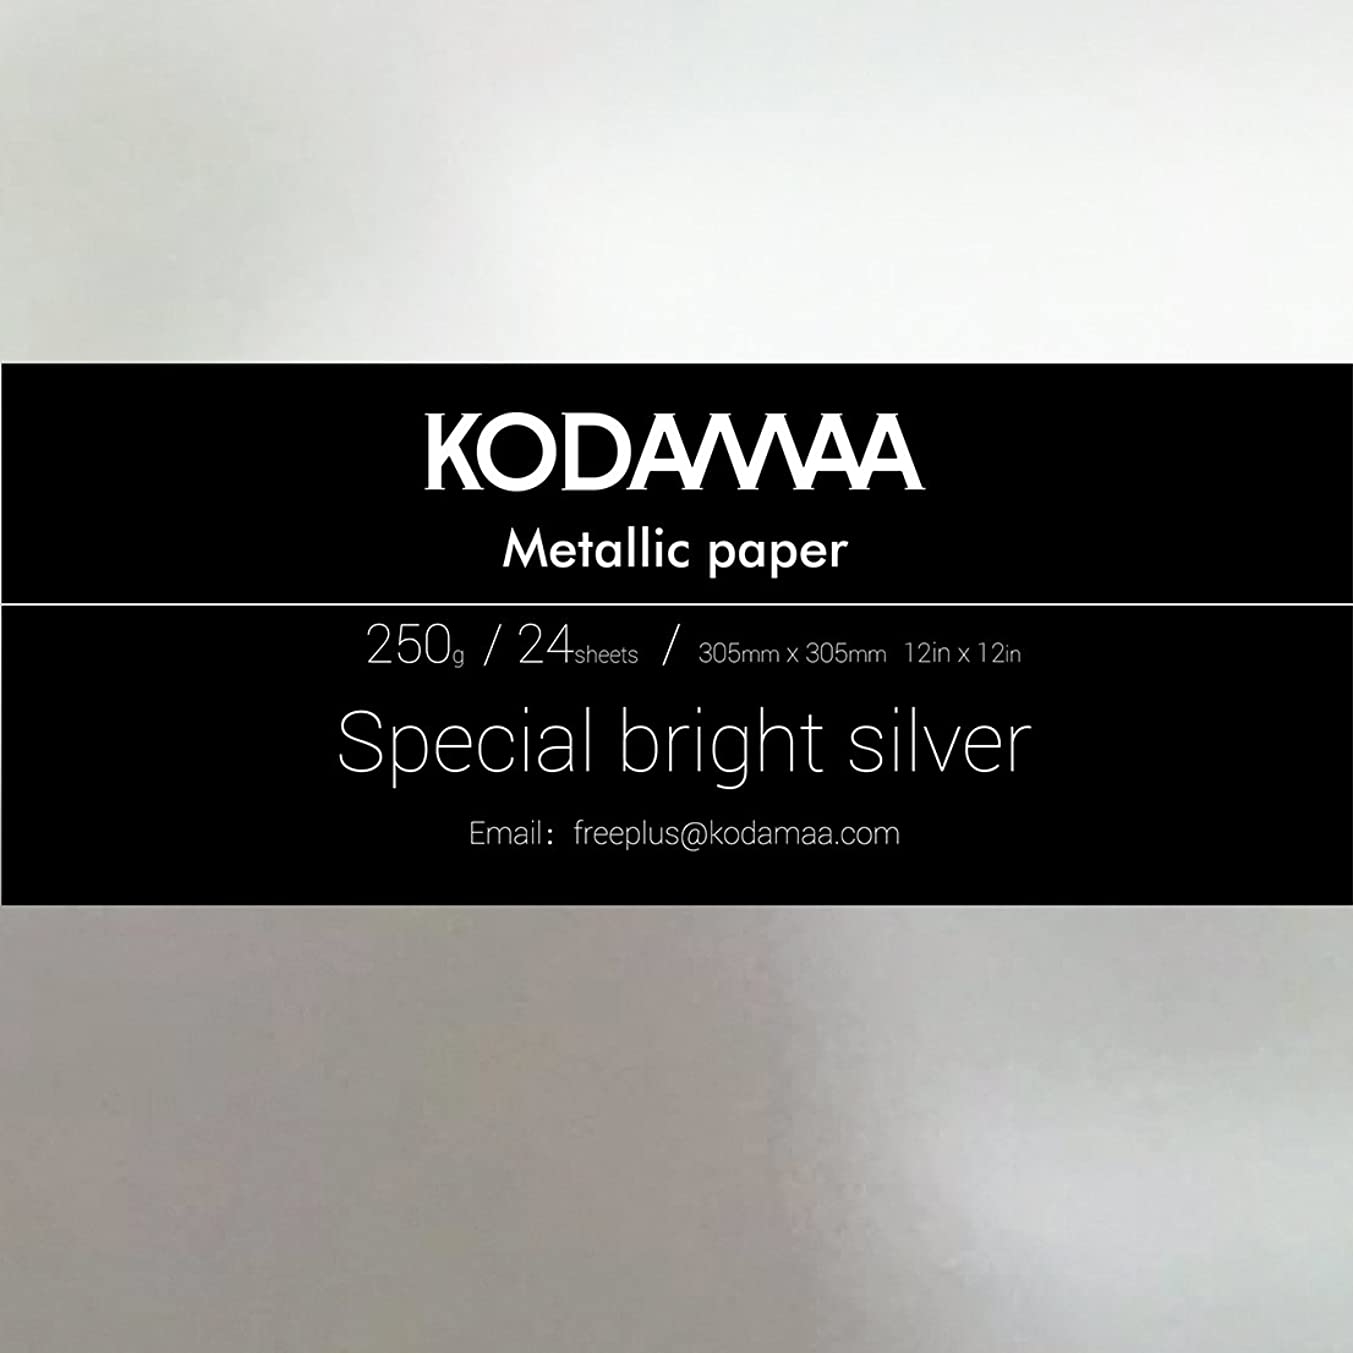 KODAMAA 12